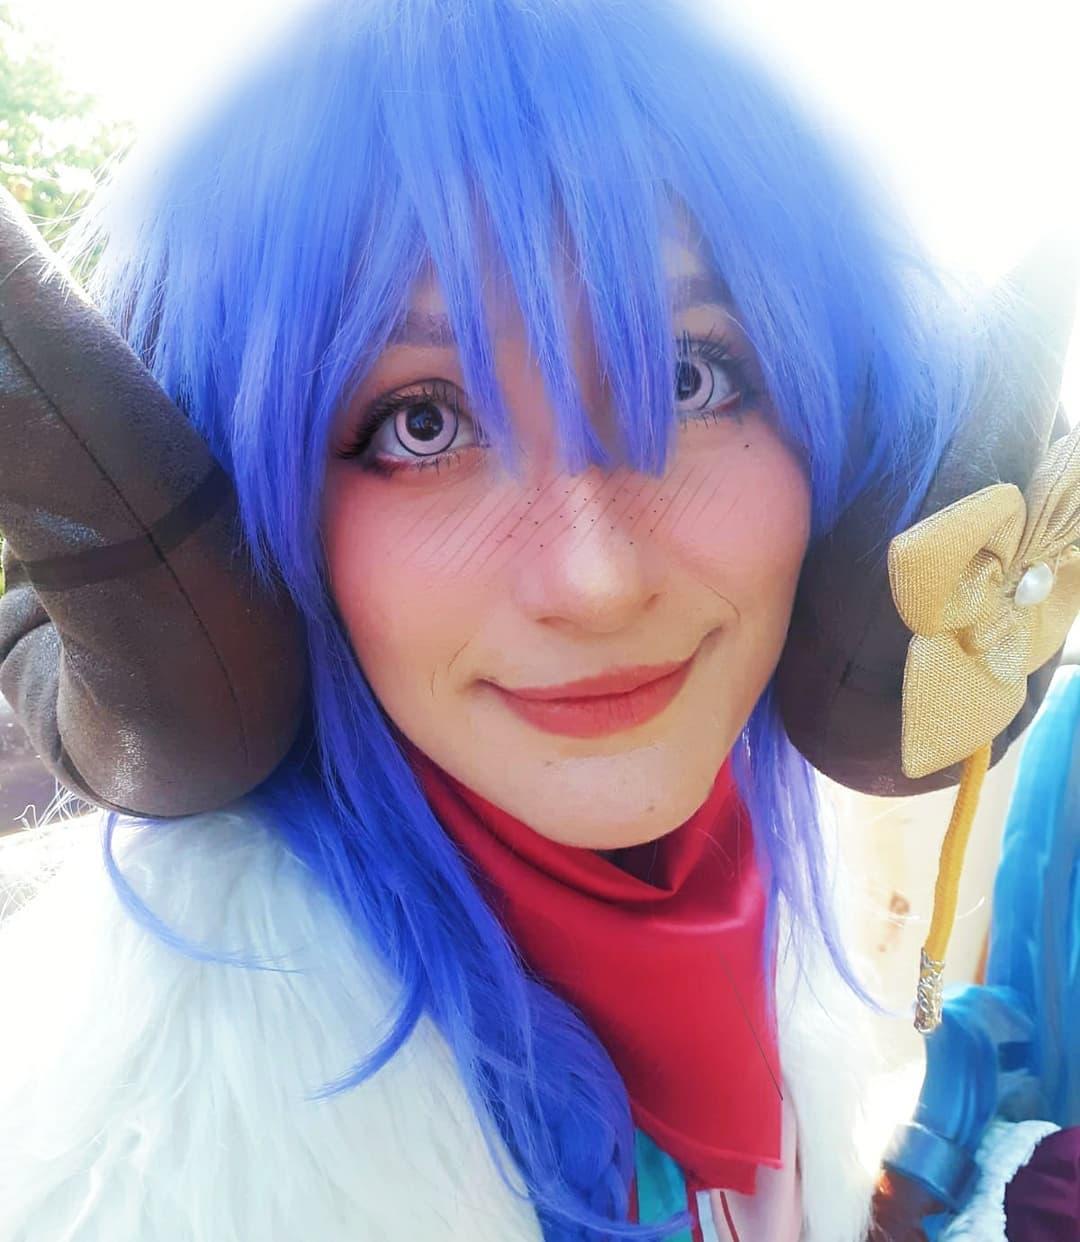 League of Legends - Belo cosplay do Kindred Florescer Espiritual, da Chibi Fox. A cosplayer está olhando para a câmera. O personagem tem uma roupa temática nas cores rosa e azul, com os cabelos azulados.